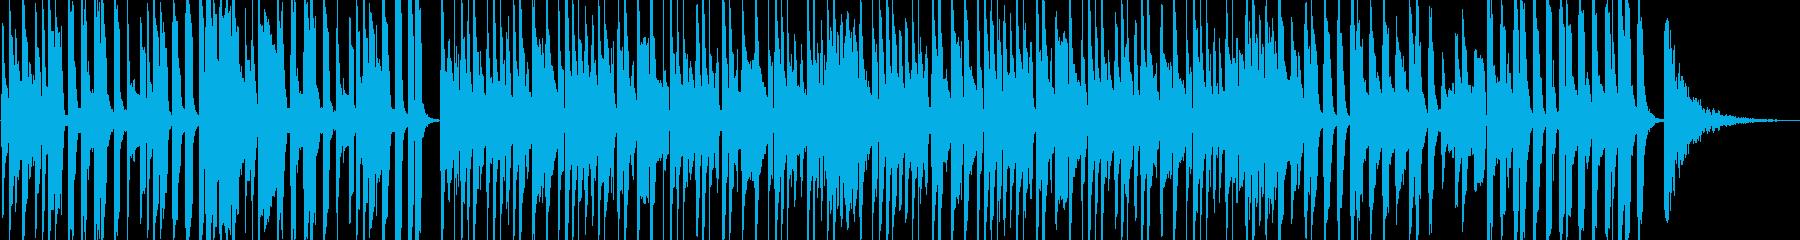 陽気なマンボーの再生済みの波形